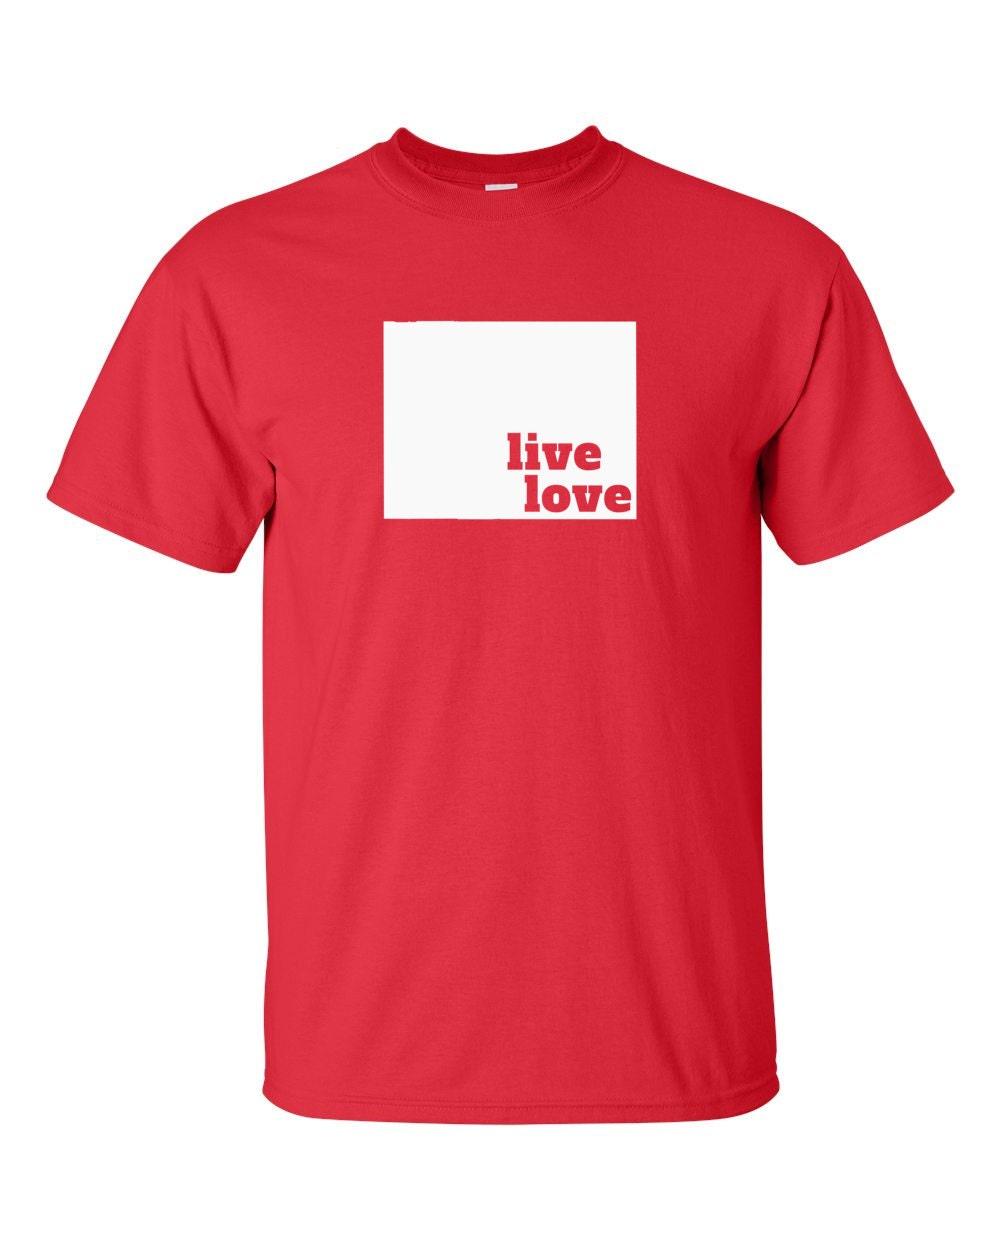 Wyoming T-shirt - Live Love Wyoming - My State Wyoming T-shirt